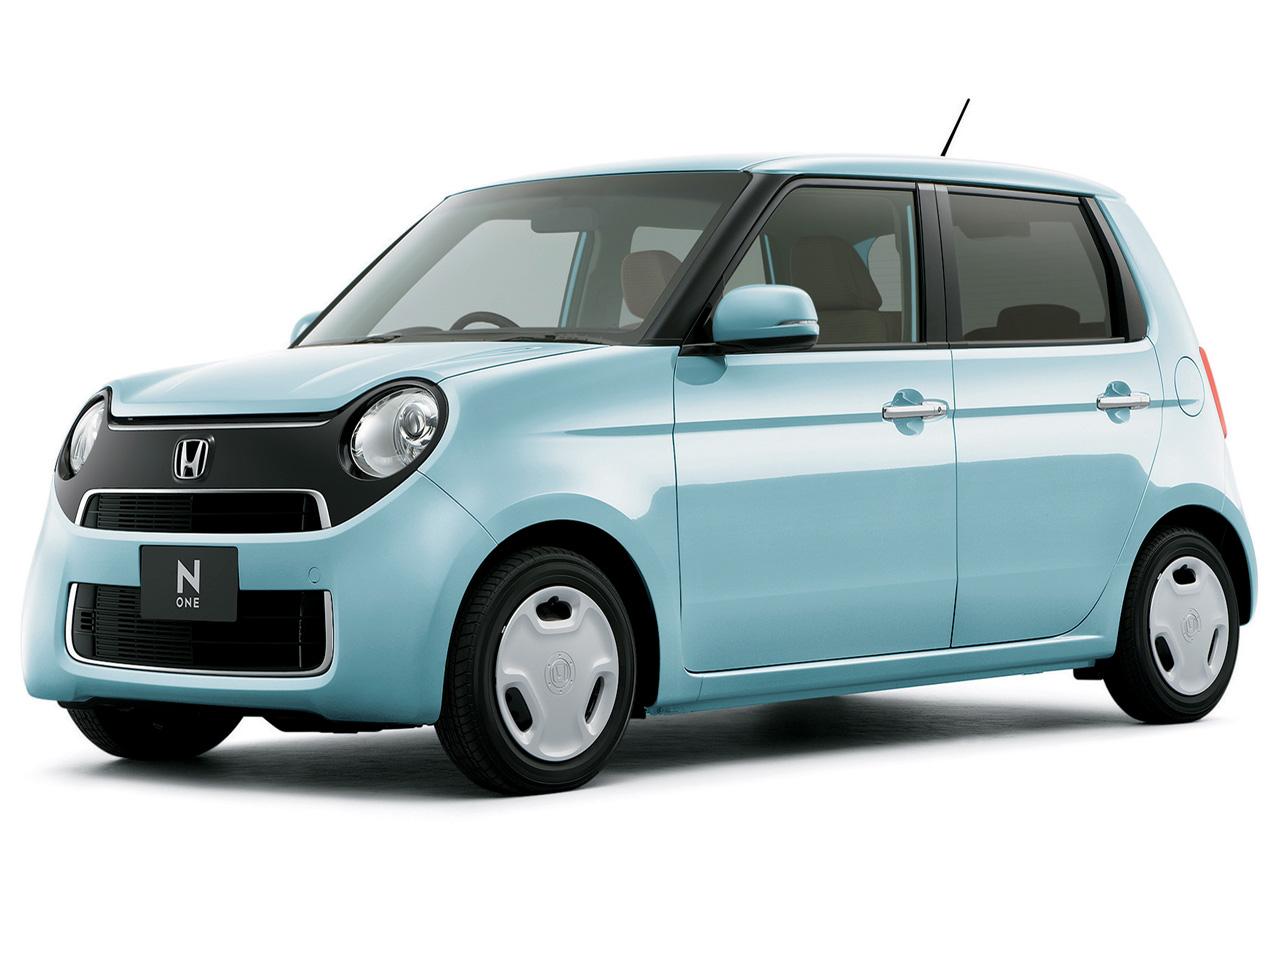 ホンダ N-ONE 2012年モデル 新車画像